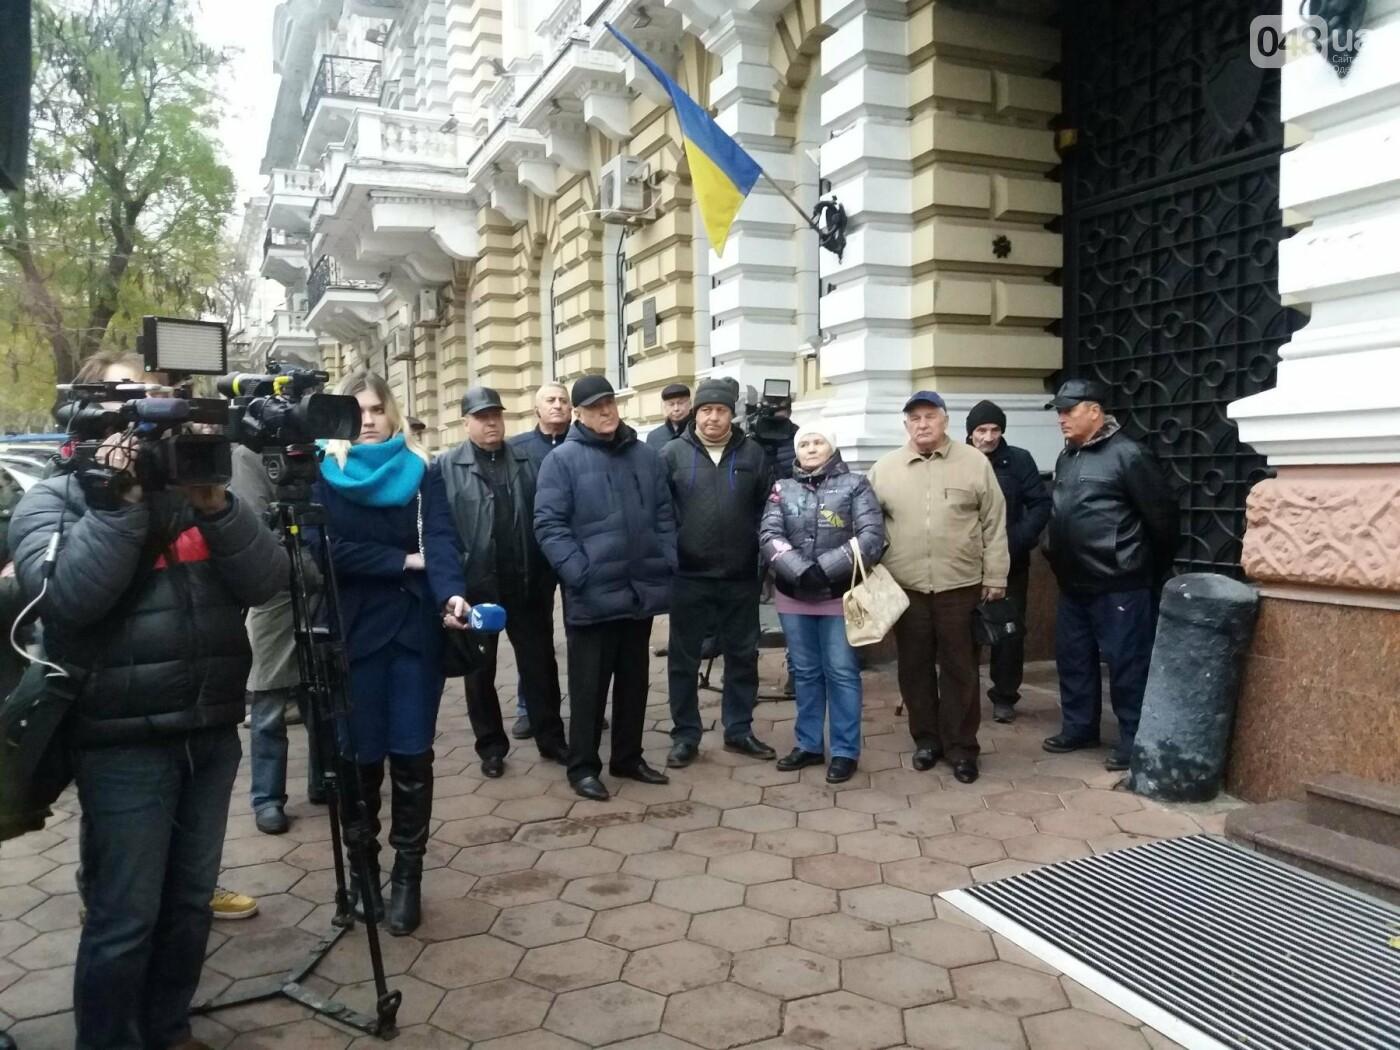 Престарелые провокаторы пытались сорвать акцию против беззакония в Одессе (ФОТО), фото-3